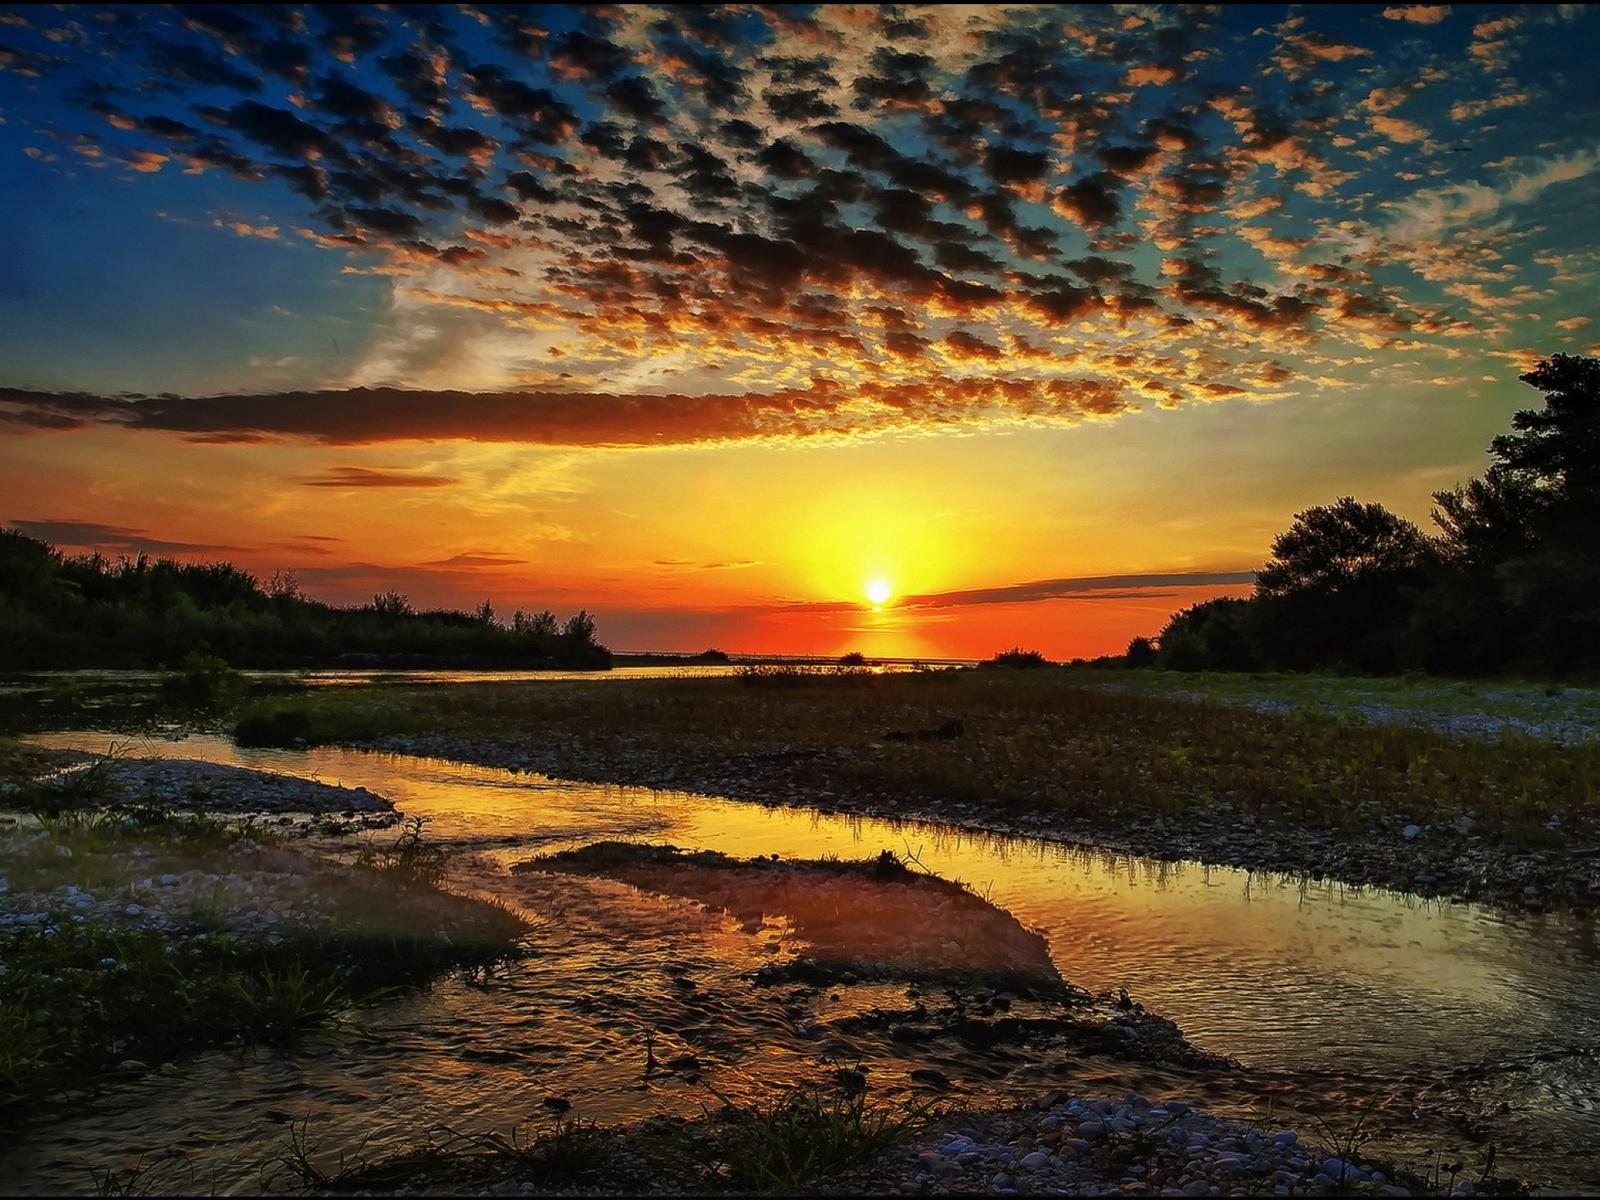 луч, солнце, облака, ручей, деревья, природа